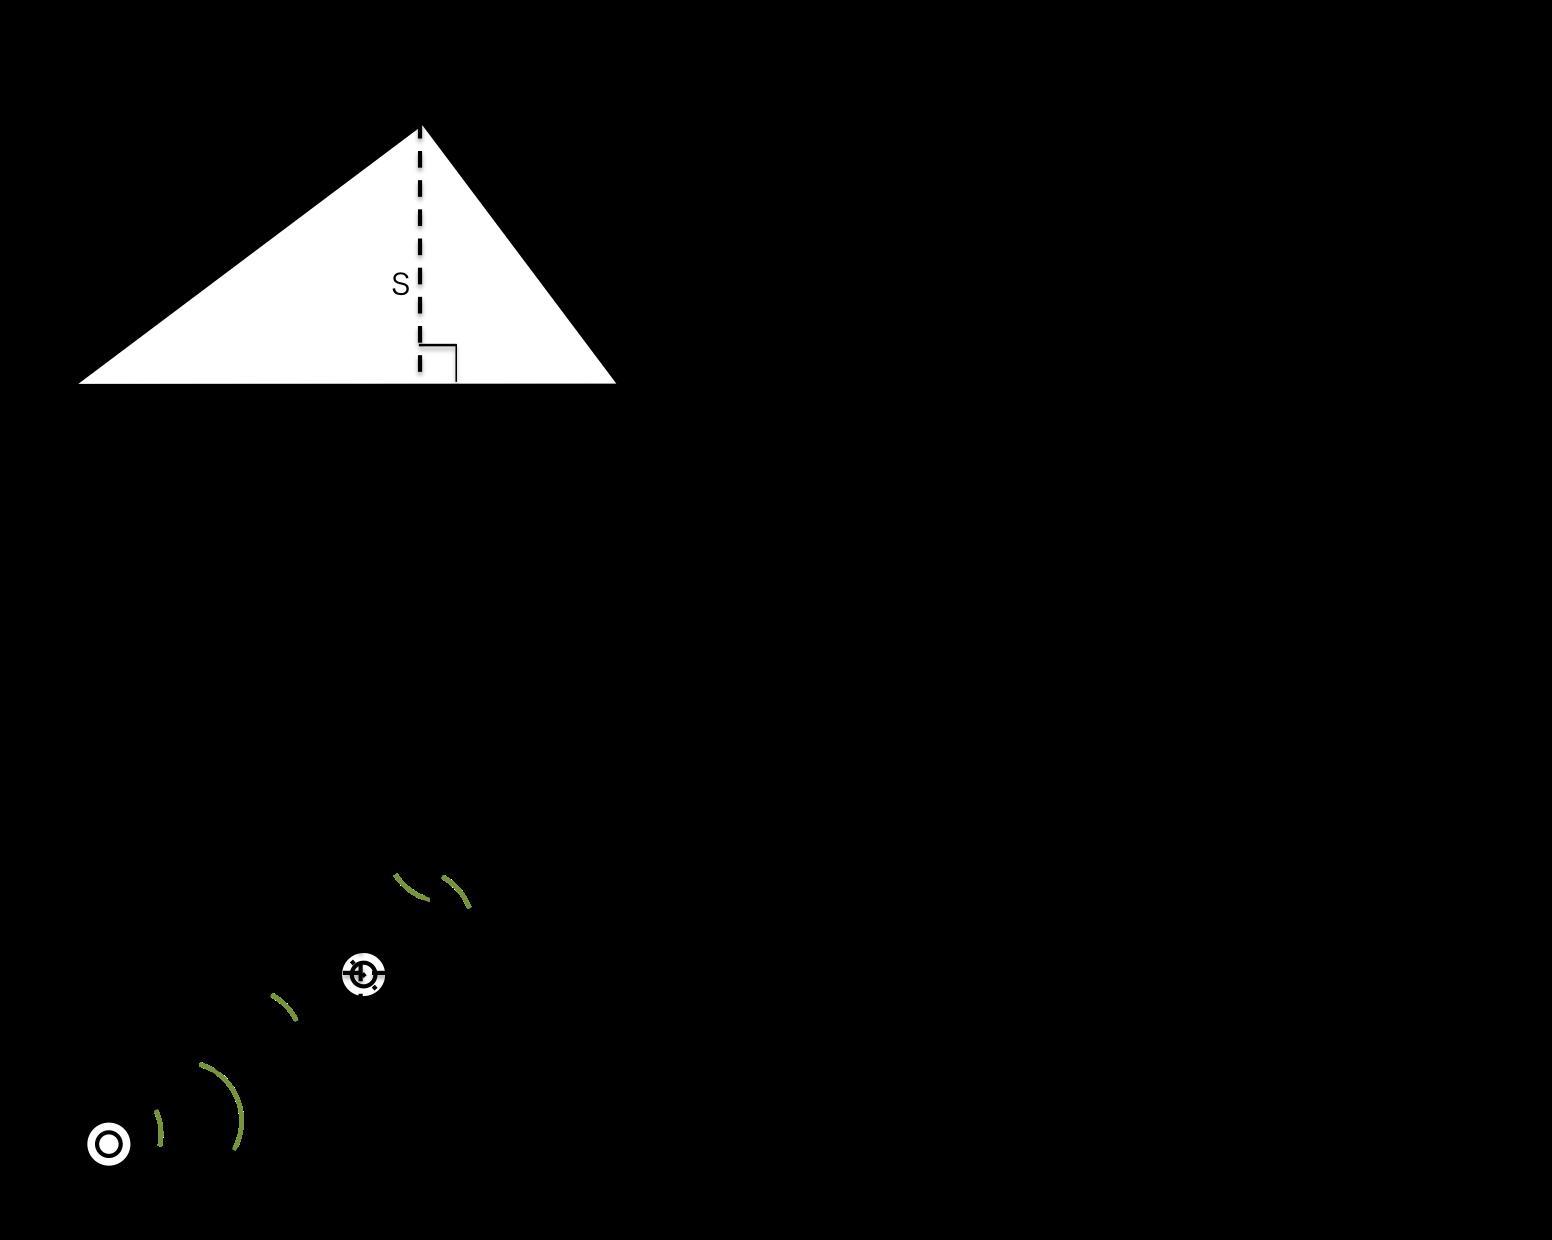 楽しいことをしたい: 【Processing】平面二軸ロボットの逆運動学